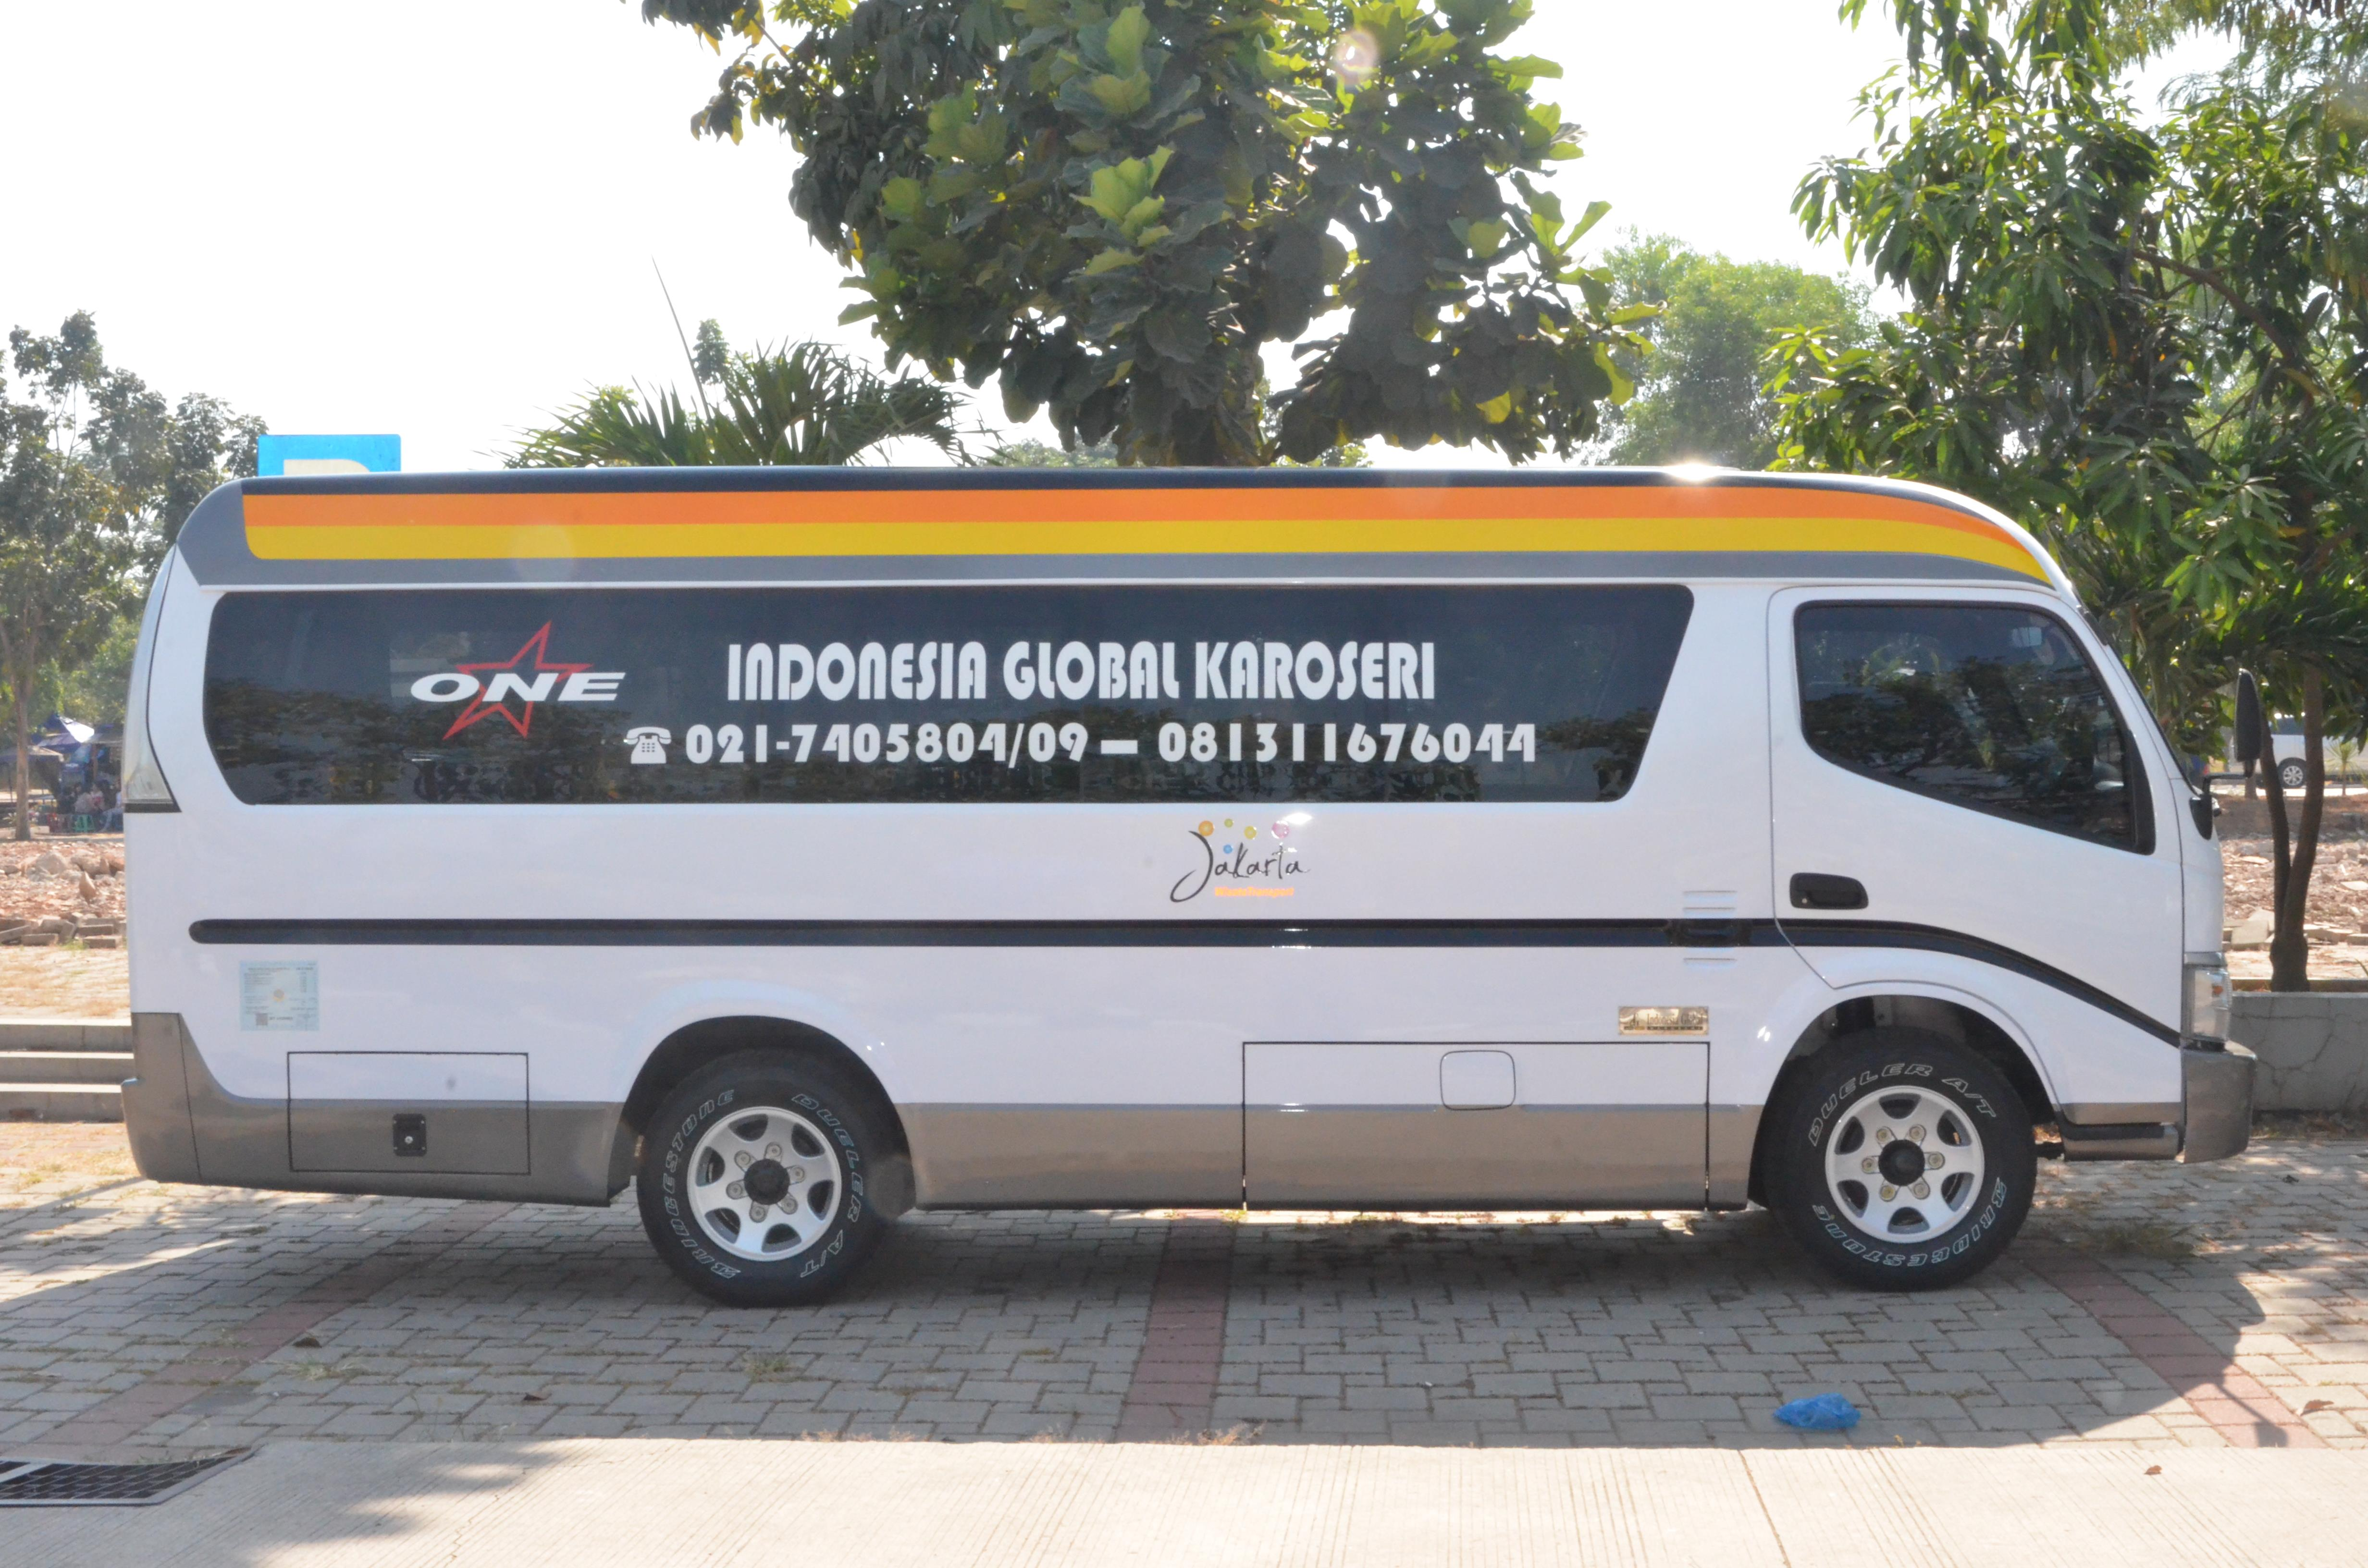 jual karoseri bus besar medium dan mini harga murah jakarta oleh pt indonesia global. Black Bedroom Furniture Sets. Home Design Ideas